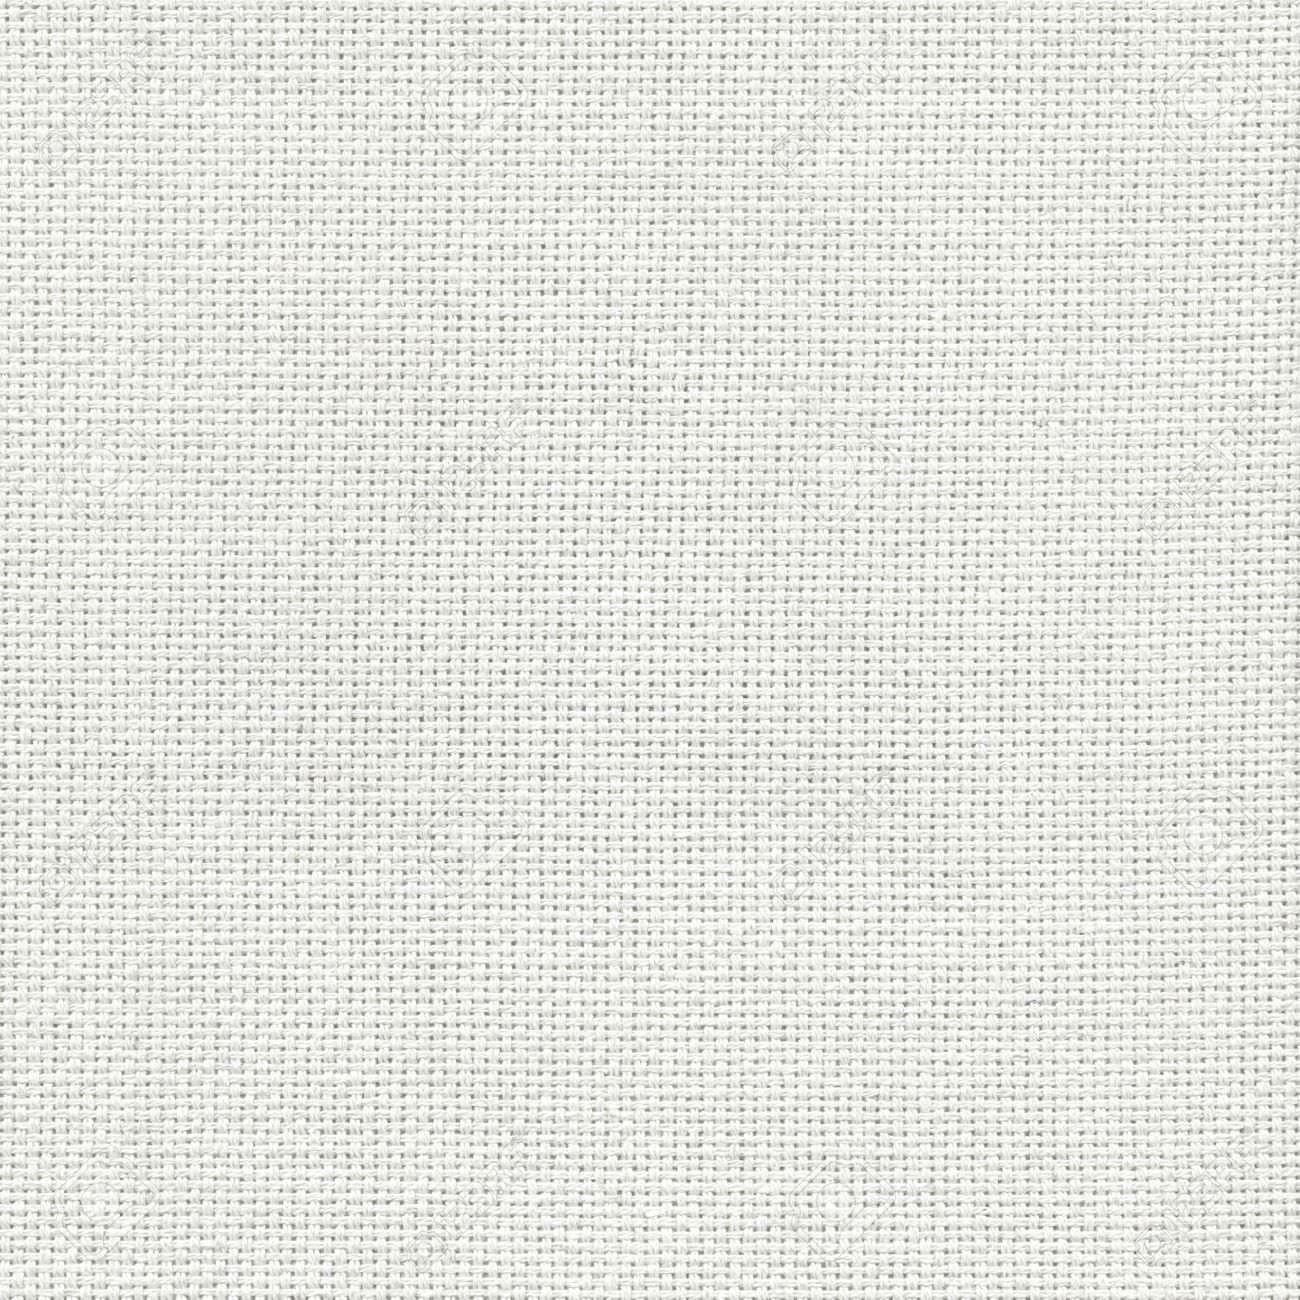 white canvas texture seamless